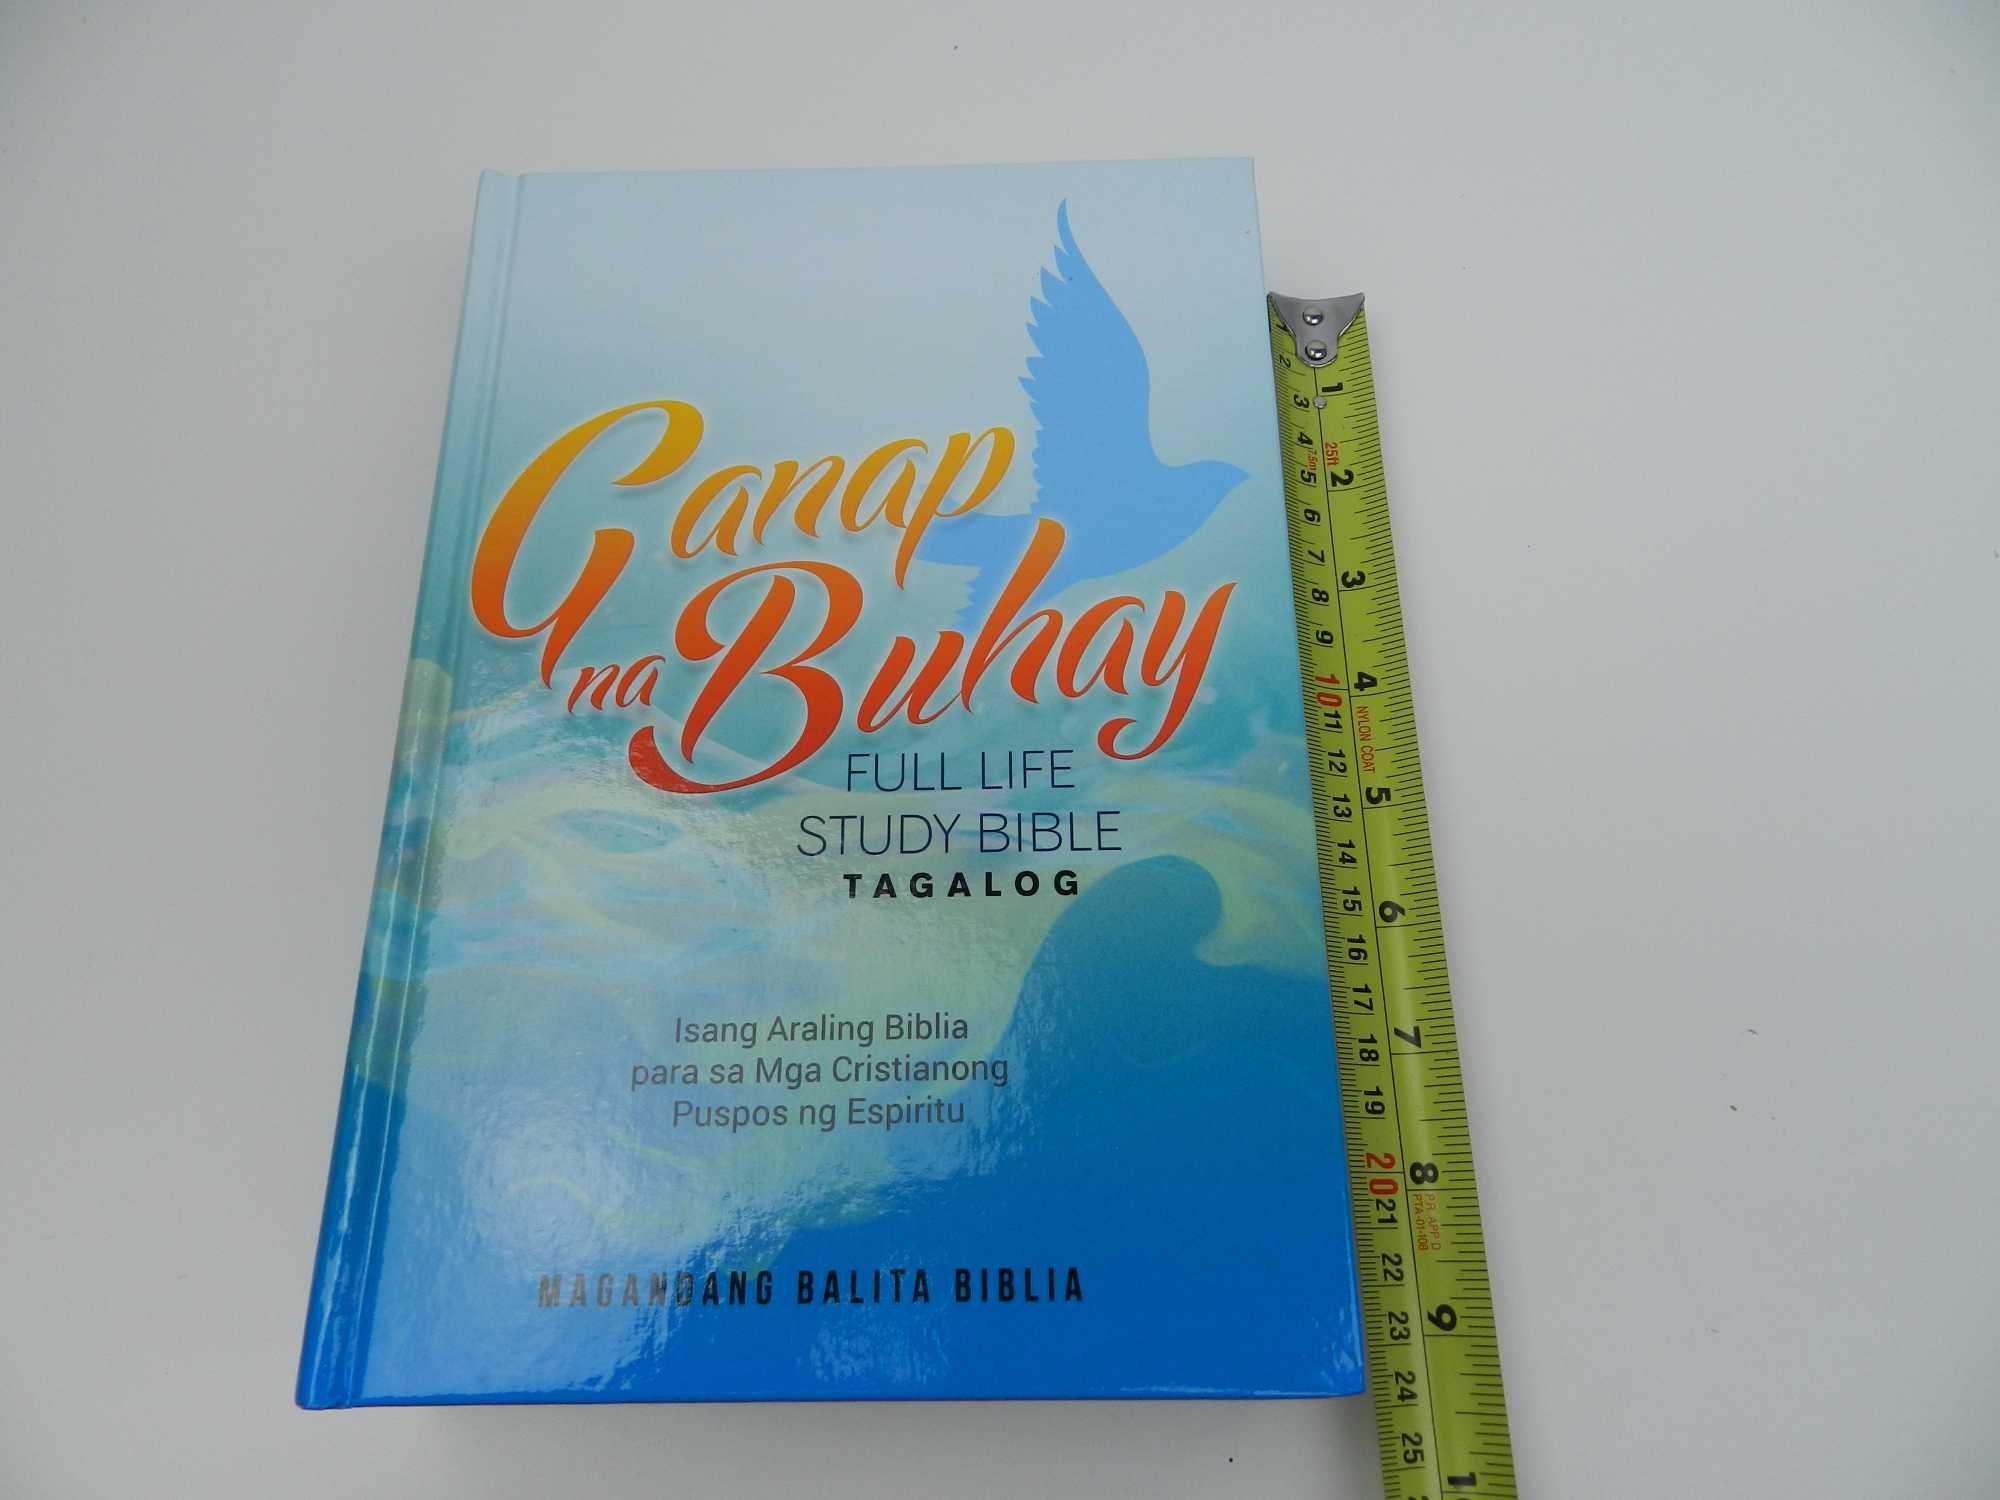 Tagalog Full Life Study Bible, Hardcover / Ganap na Buhay